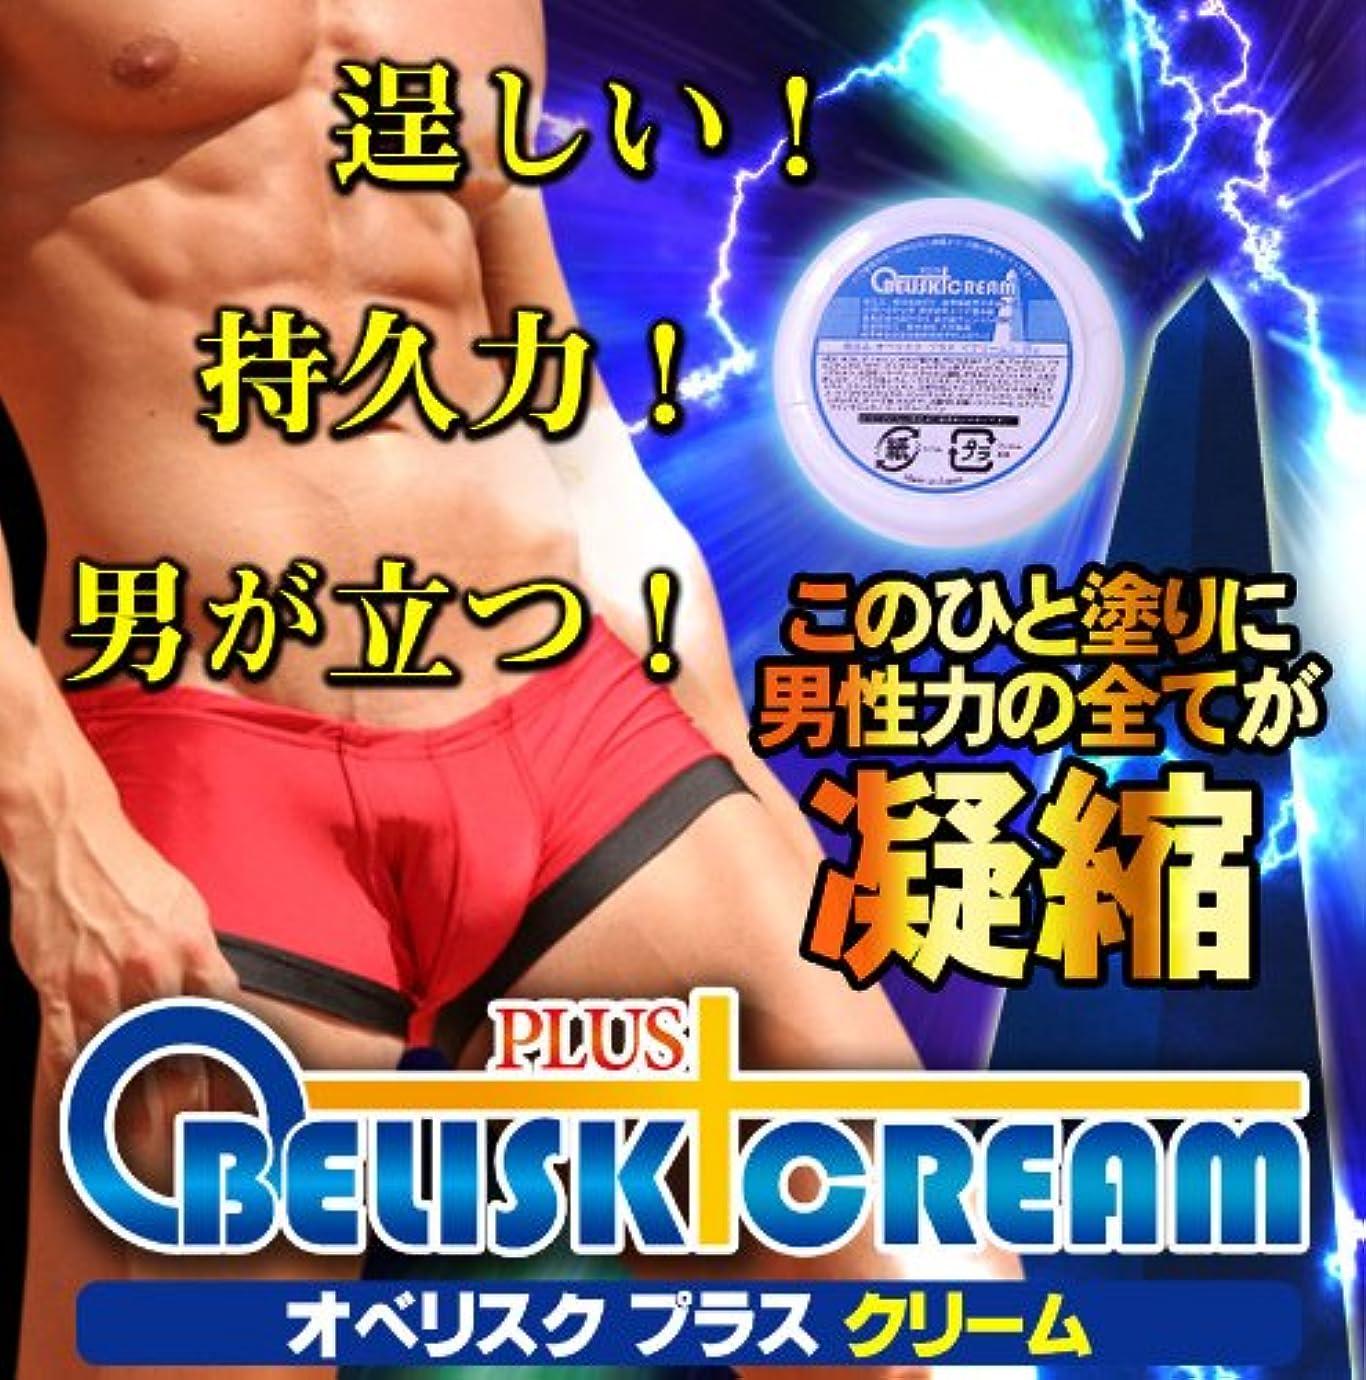 飲食店魂川オベリスクプラスクリーム(男性用持続力コントロールクリーム)